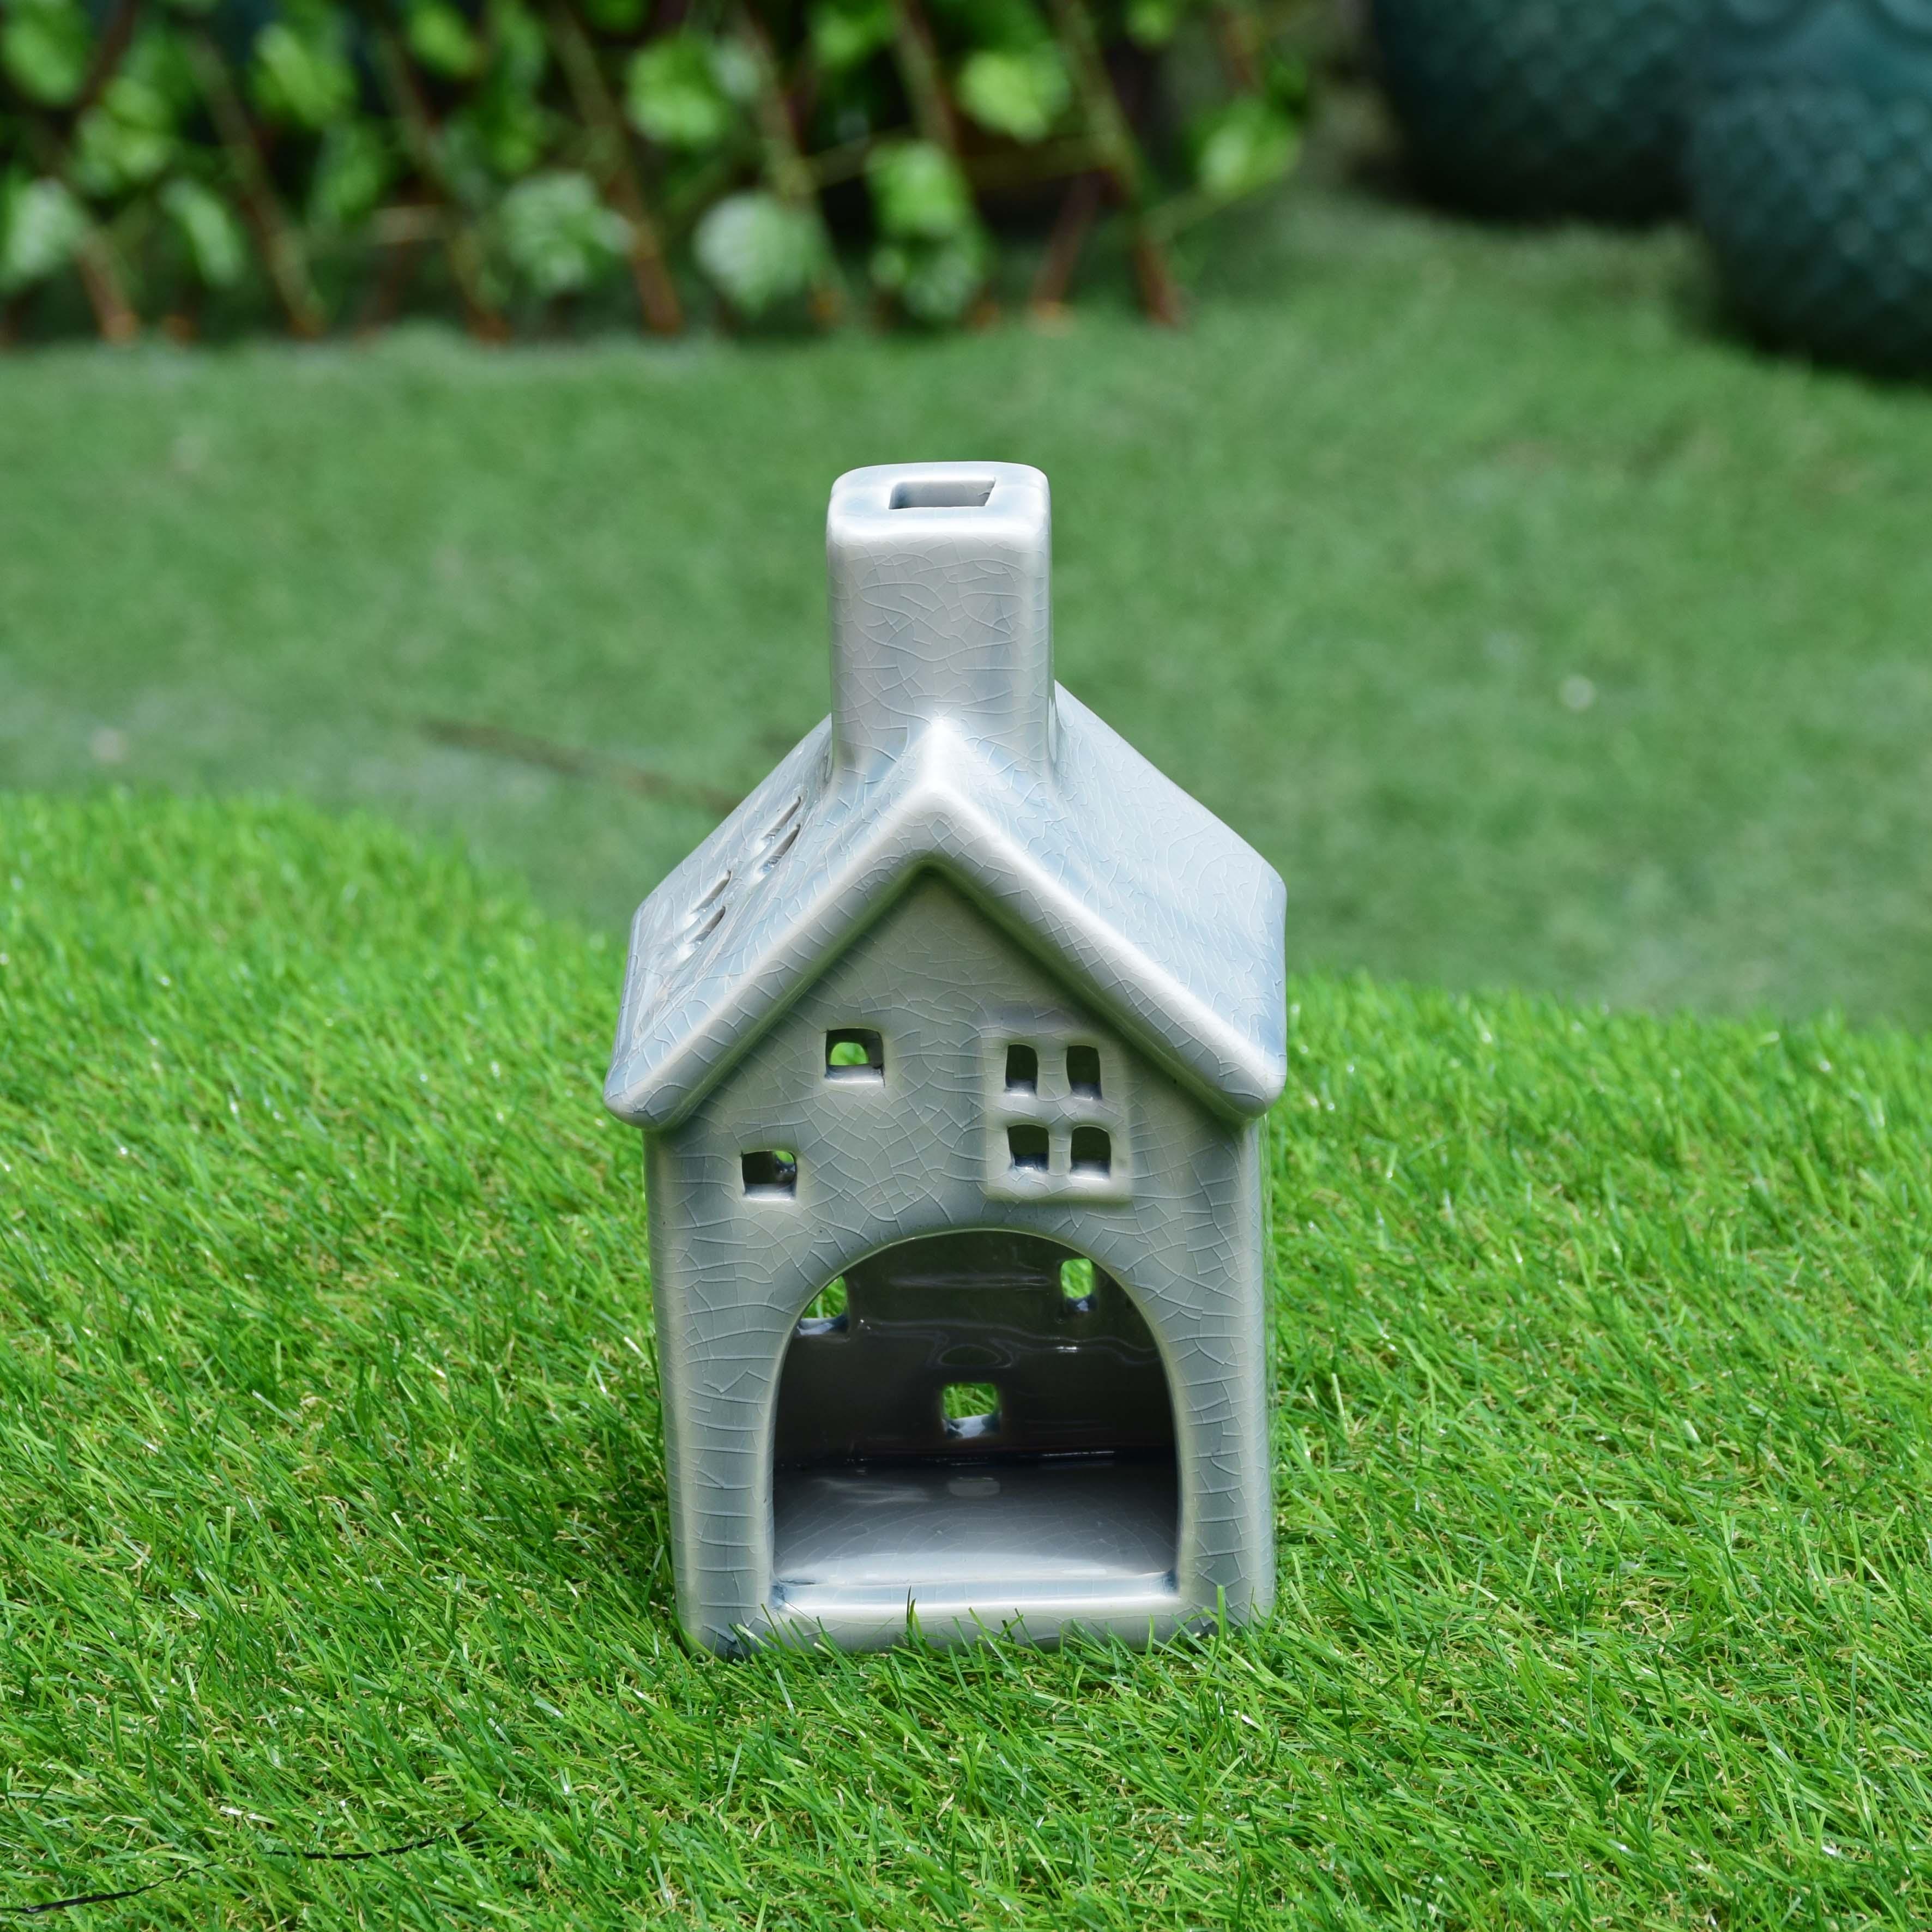 บ้านเทียนเซรามิค สีเขียวอ่อน